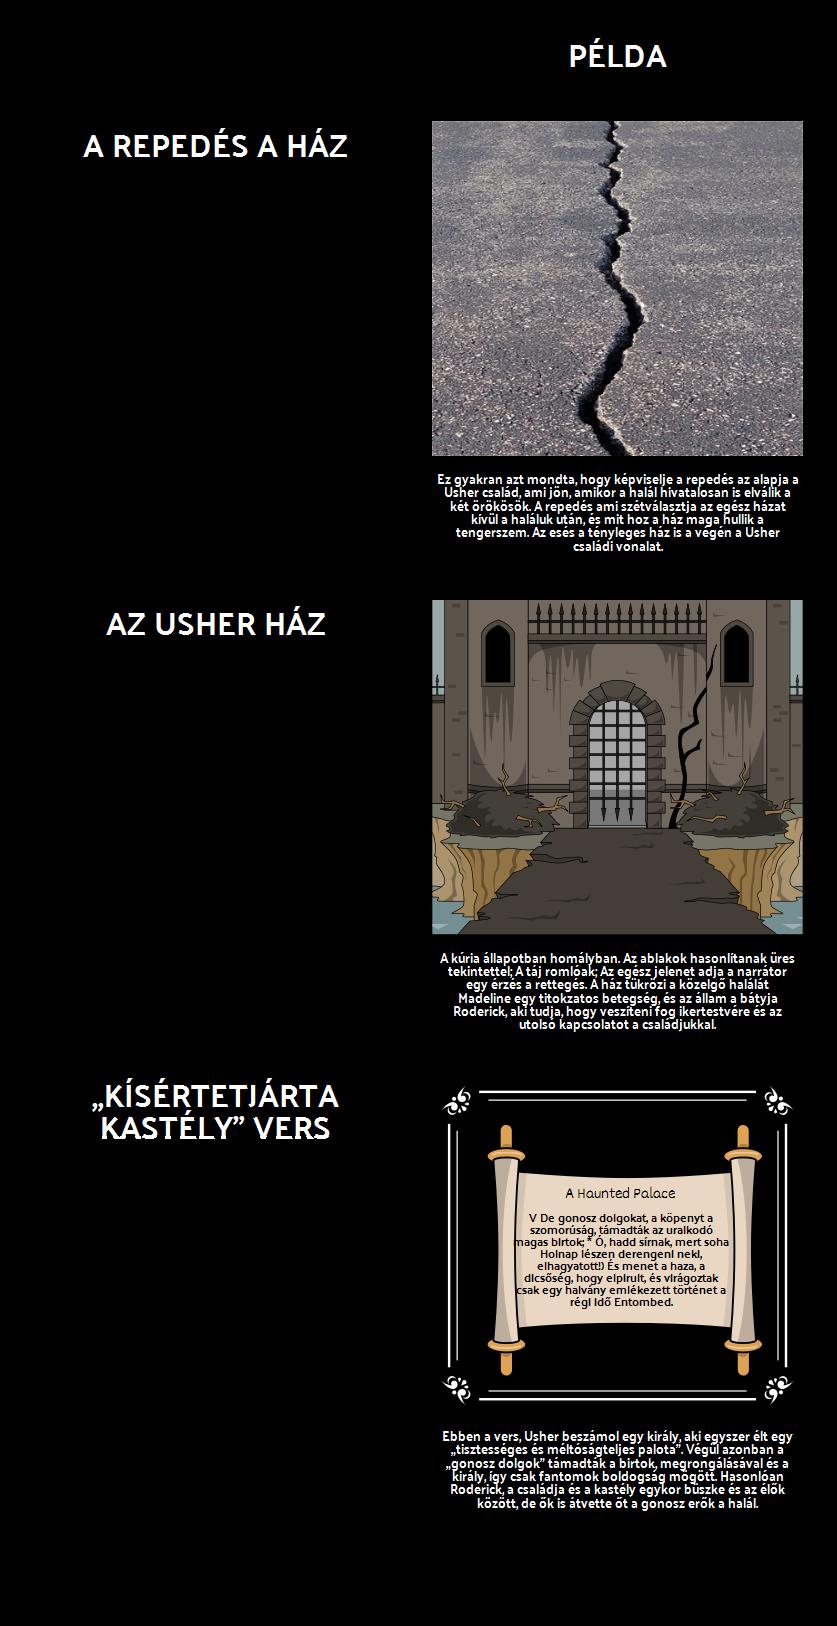 A Fall of Usher ház Témák, Motívumok és Szimbólumok